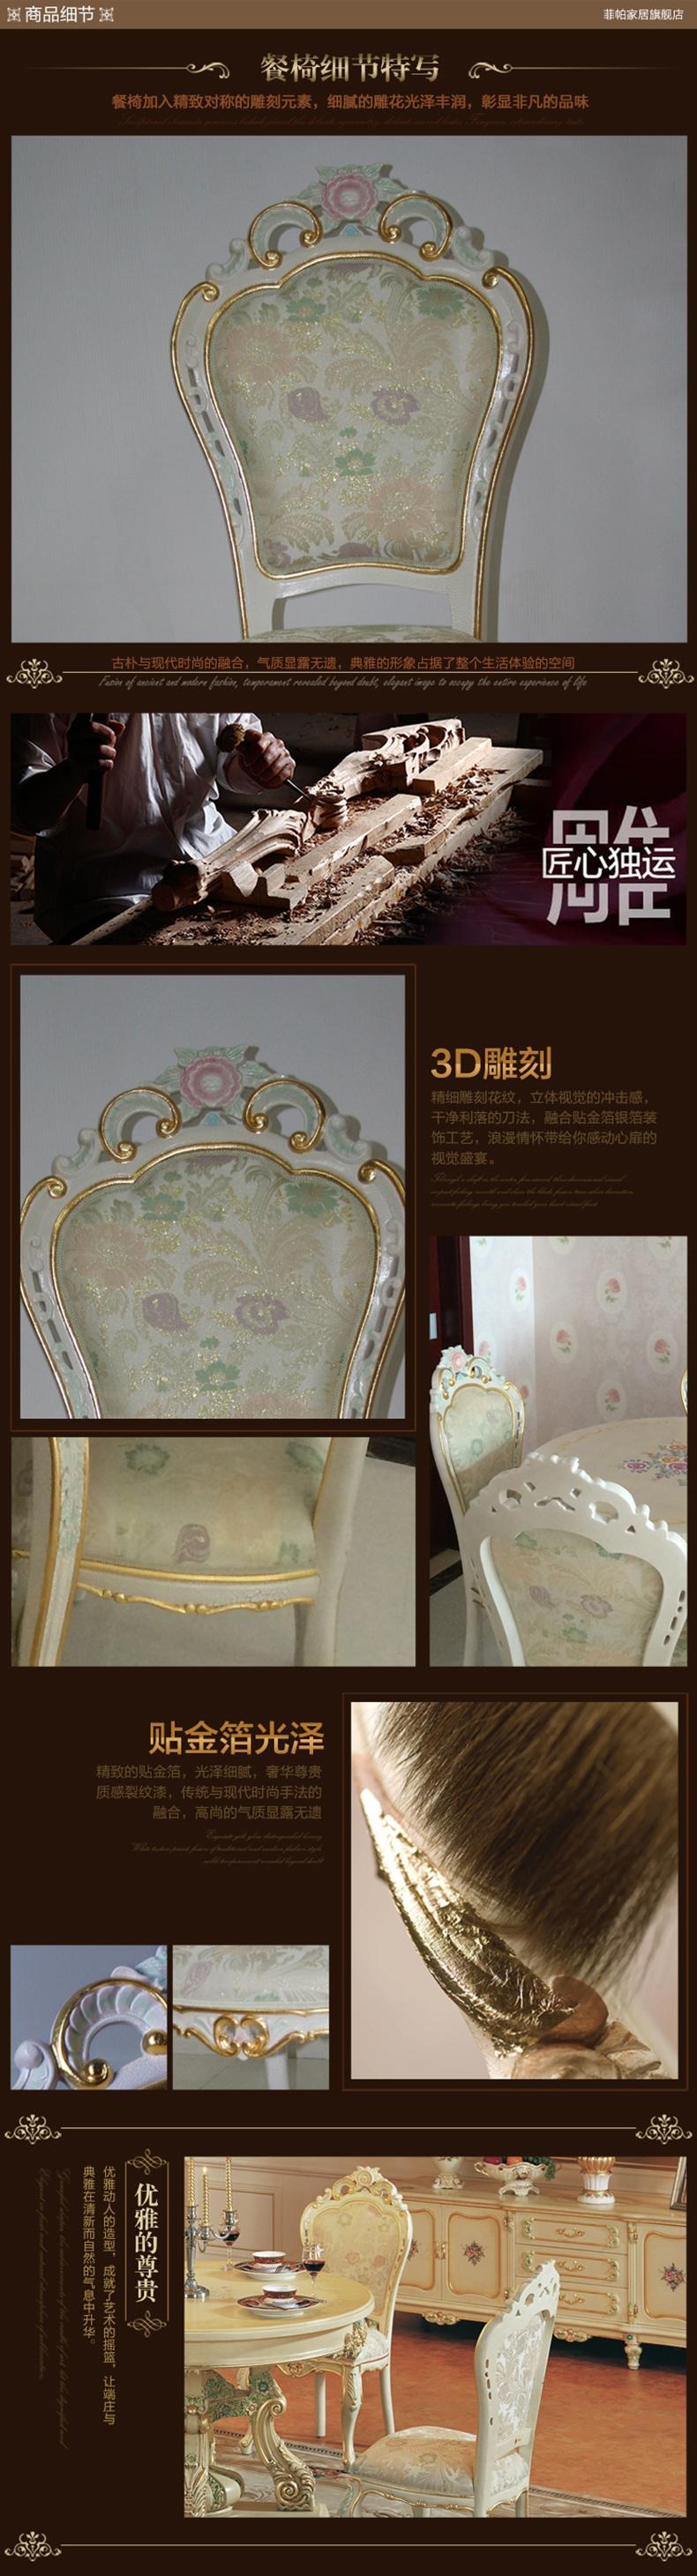 9502餐椅-详情页-_05.jpg